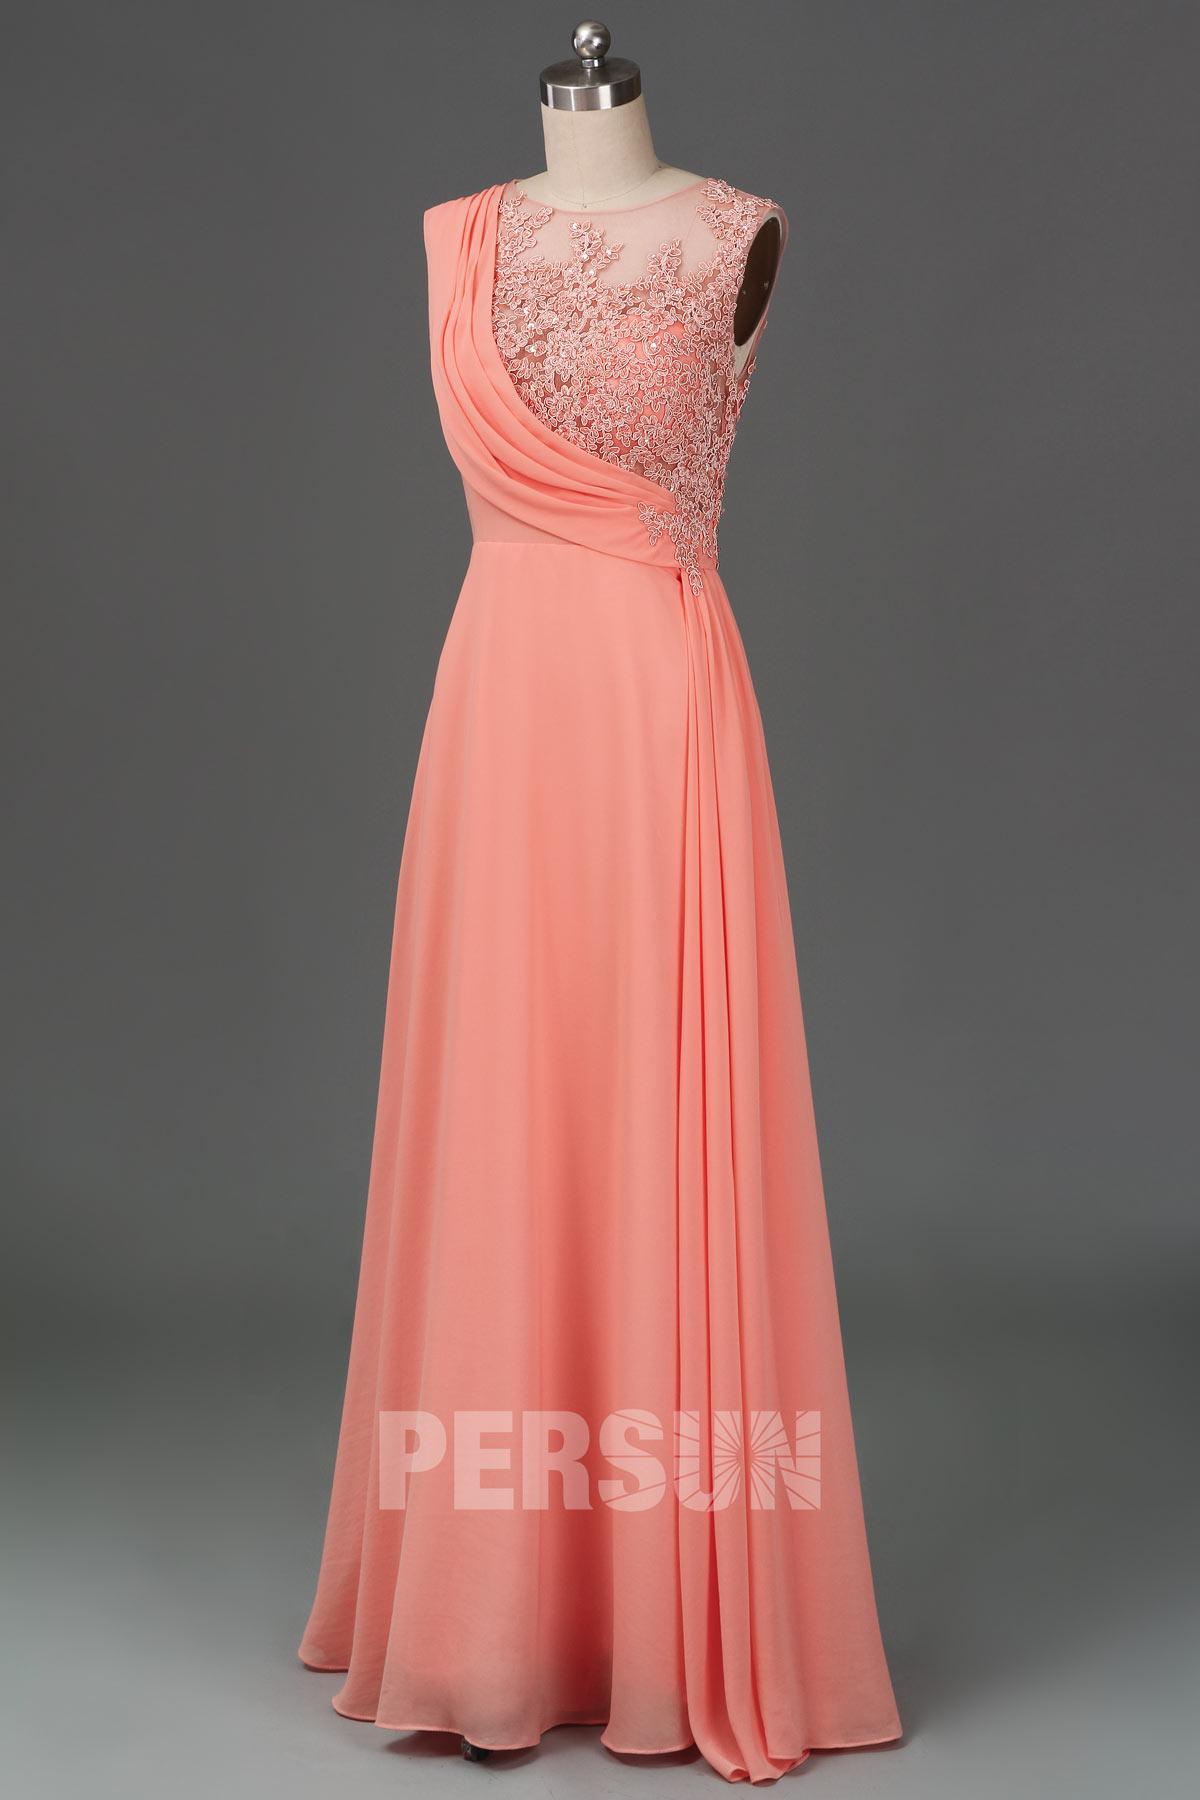 robe demoiselle d'honneur rose saumon longue appliquée dentelle